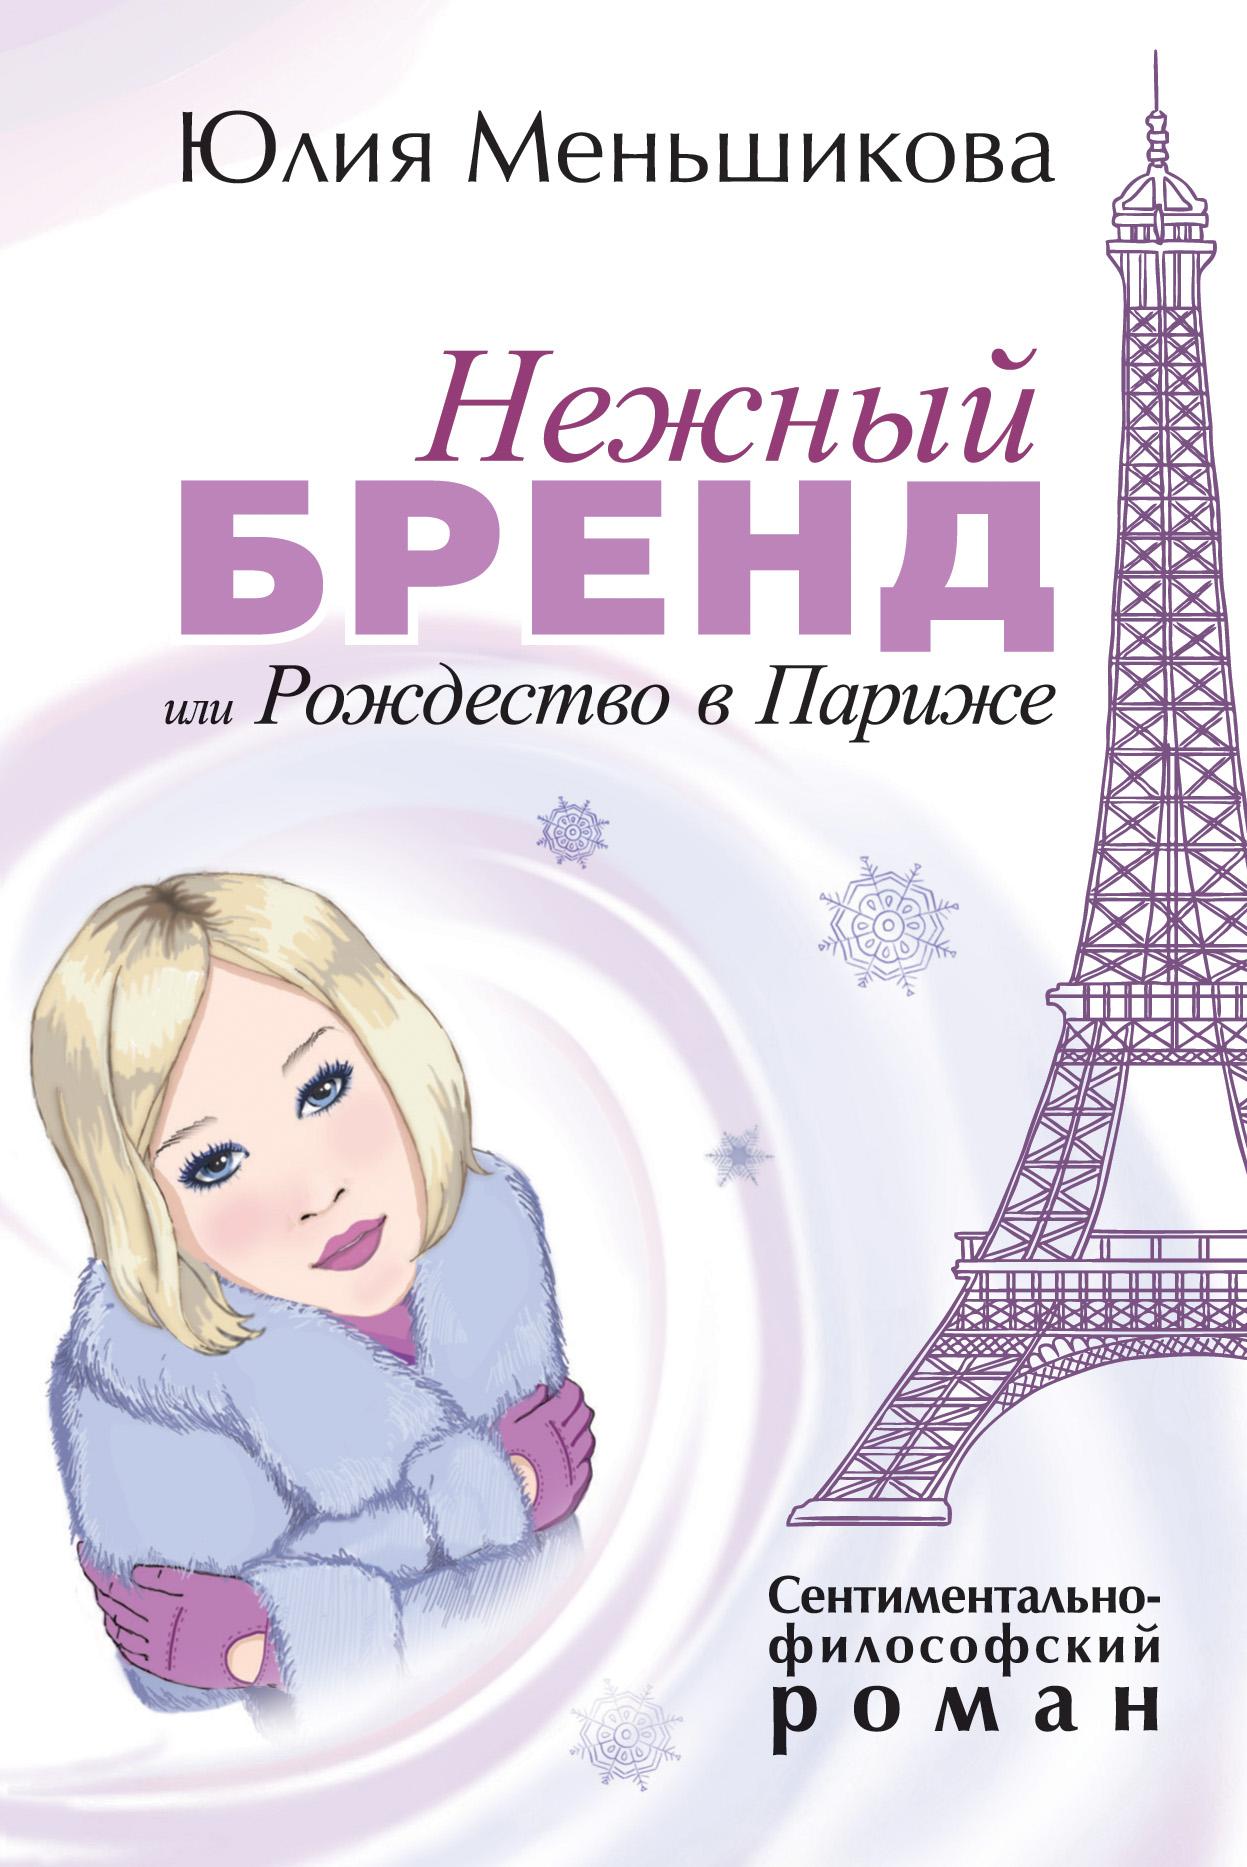 Юлия Меньшикова Нежный бренд, или Рождество в Париже меньшикова ю свежий взгляд или в париже уже весна page 3